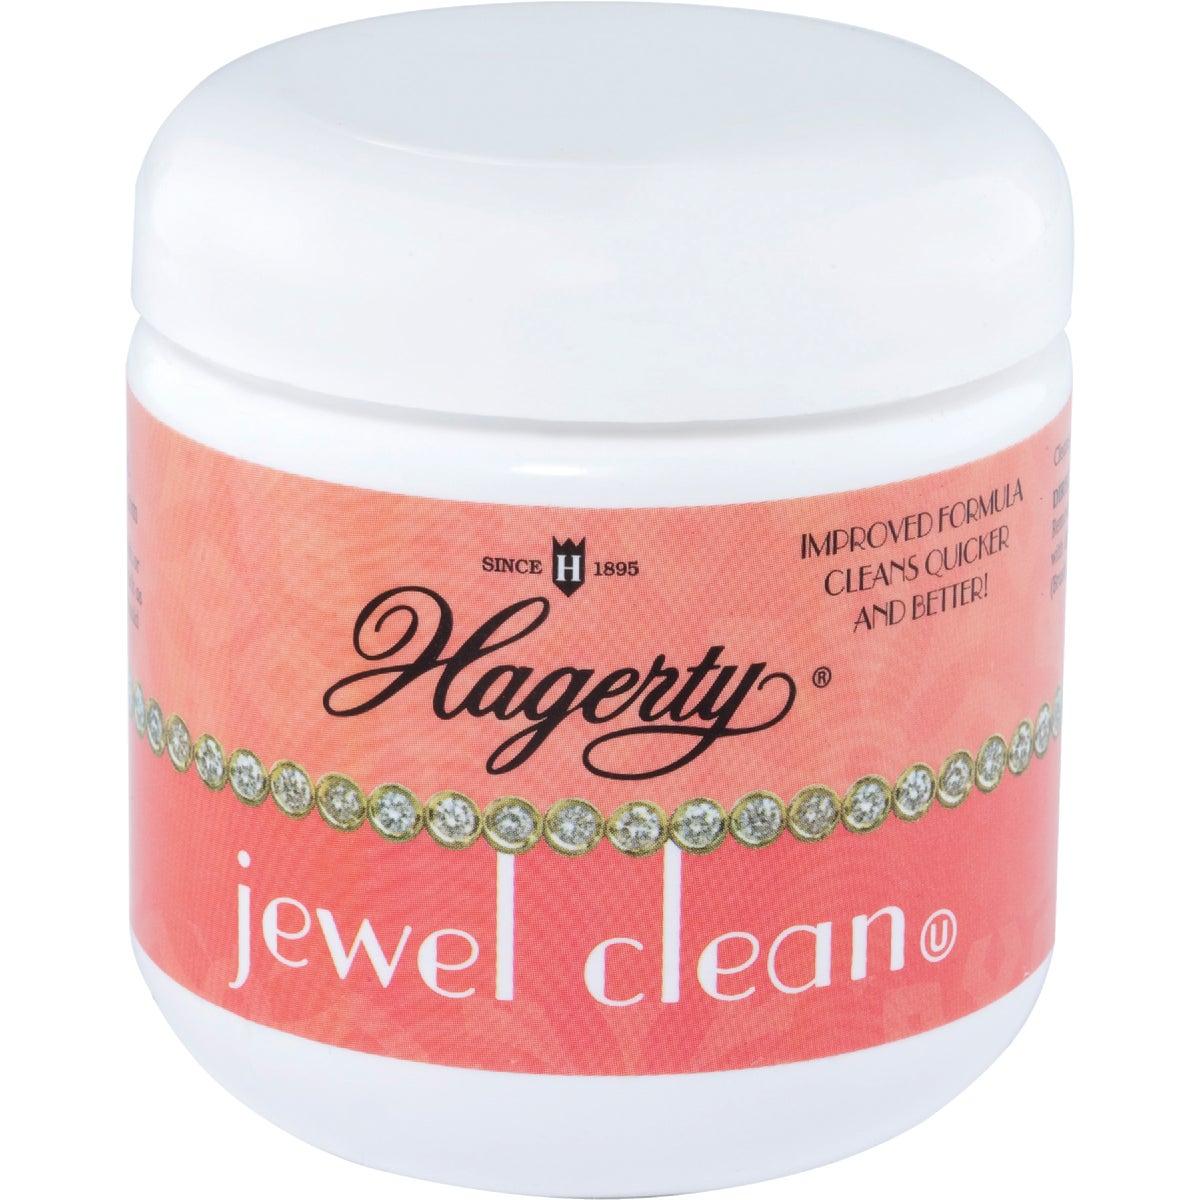 7Oz Jewel Clean